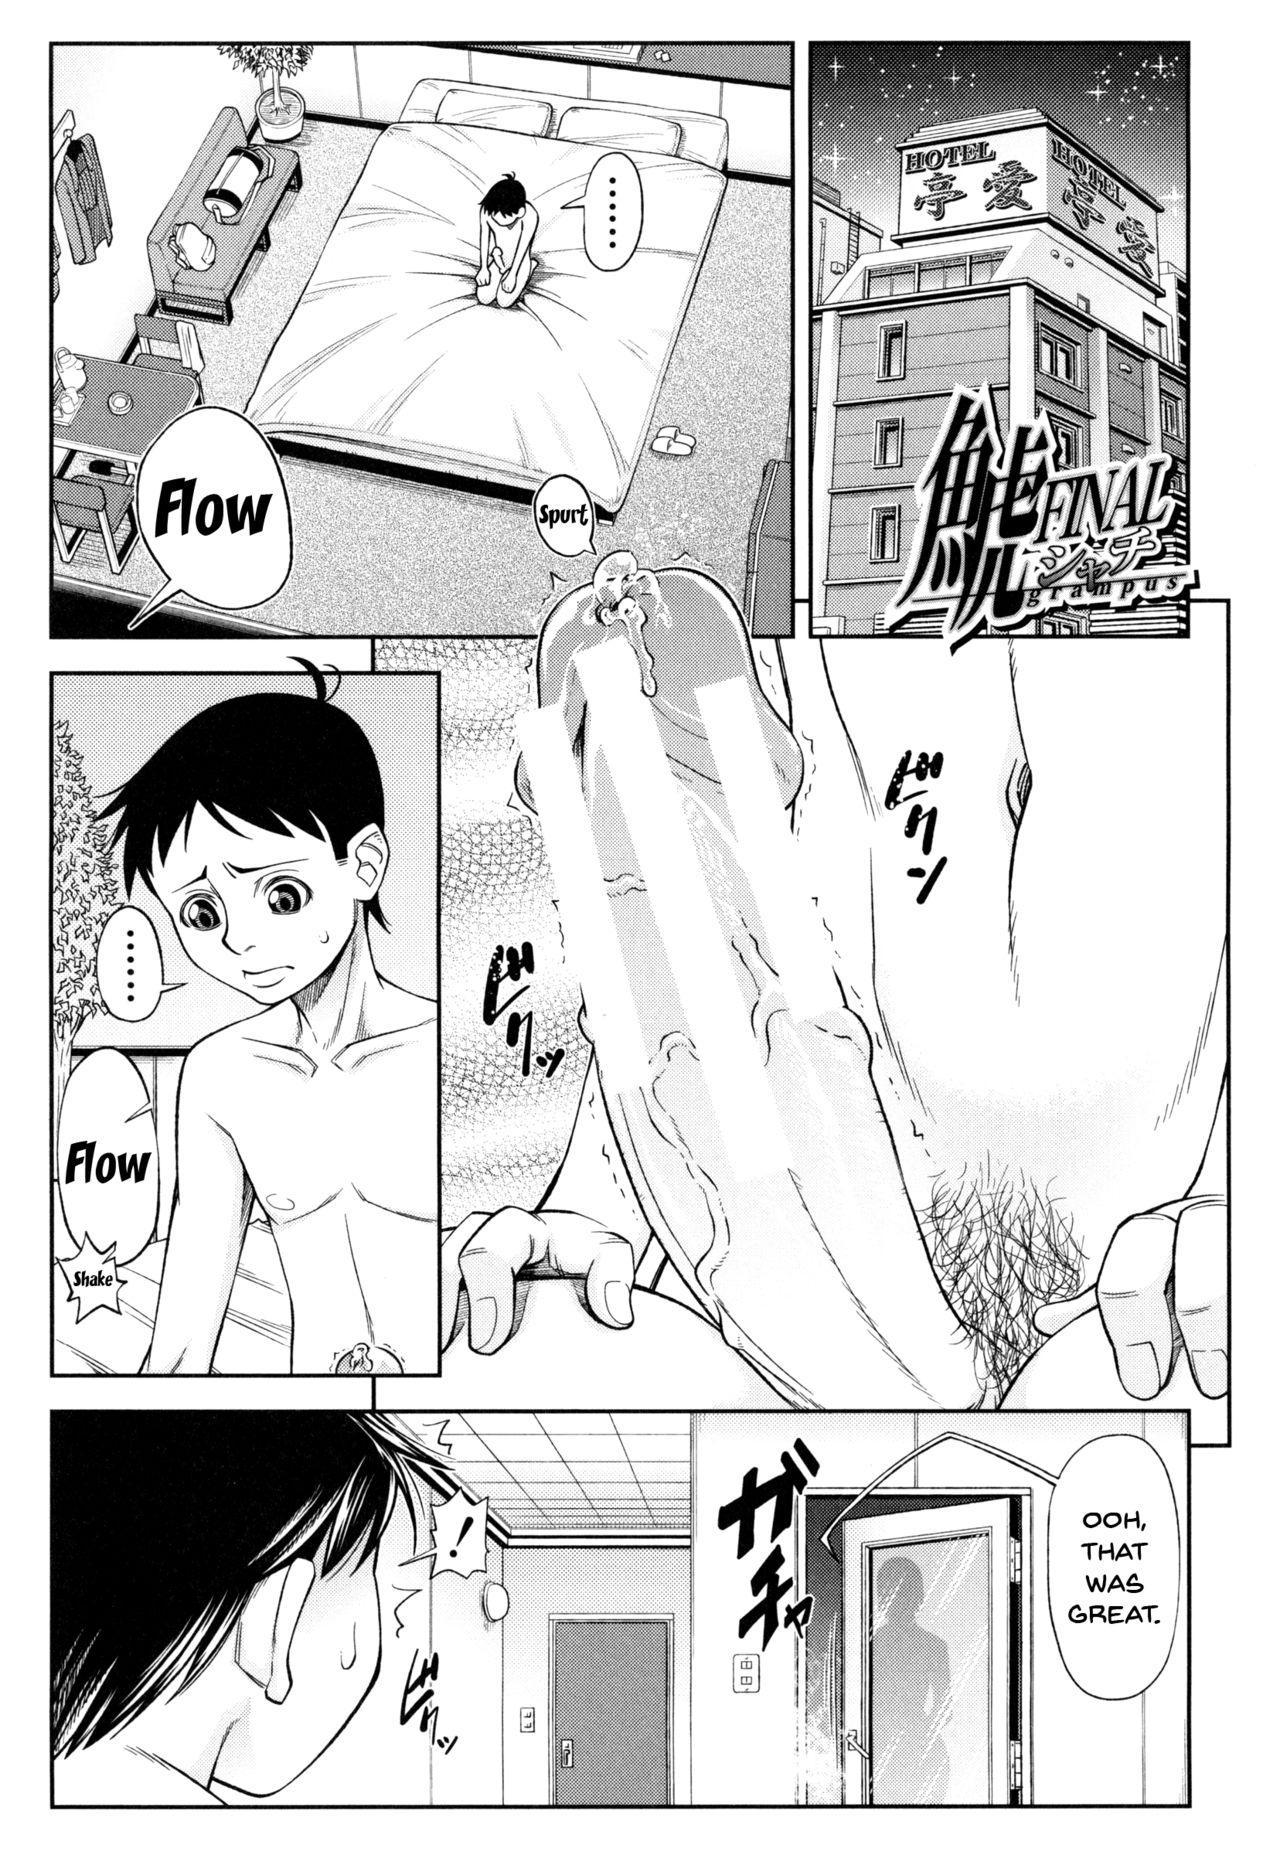 Watashi ga Toriko ni Natte Yaru | I Became A Sex Slave 173